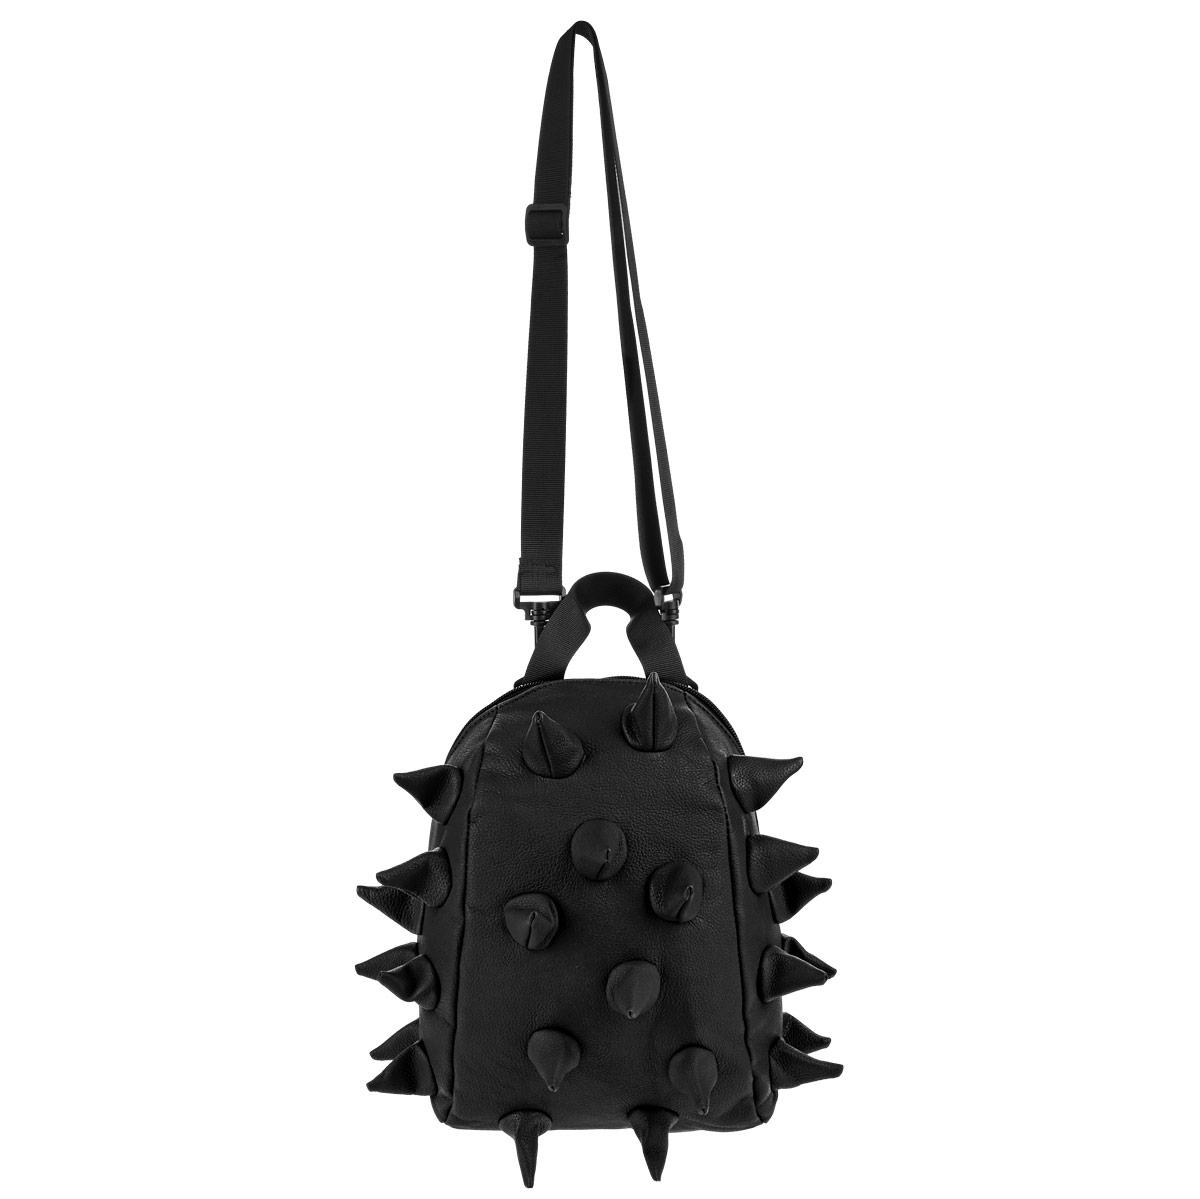 Сумка ланч-бокс MadPax Rex Nibbler, цвет: черный, 4 л3286Оригинальная сумка ланч-бокс MadPax Rex Nibbler - это стильный и практичный аксессуар, который поможет сохранить вашу еду и напитки. Верх сумки выполнен из 100% полиуретана с матовой текстурой, шипы придают изделию неповторимый дизайн. Сумка имеет одно основное отделение, которое закрывается на застежку-молнию. Внутренняя поверхность отделана специальным термоизолирующим материалом, который сохранит напитки прохладными, а домашние сэндвичи теплыми. Специальный кармашек на резинке очень удобен для напитков. Сумка имеет длинный съемный регулируемый ремень, который позволяет носить ее через плечо, и дополнительную ручку для переноски. Сзади расположен кармашек из прозрачного ПВХ для визитки. MadPax - это крутые аксессуары в стиле фанк, которые своим неповторимым дизайном бросают вызов монотонности и скуке. Эти уникальные изделия помогают детям всех возрастов самовыражаться, а их внутренняя структура с отделениями, карманами и застежками-молниями делает их...